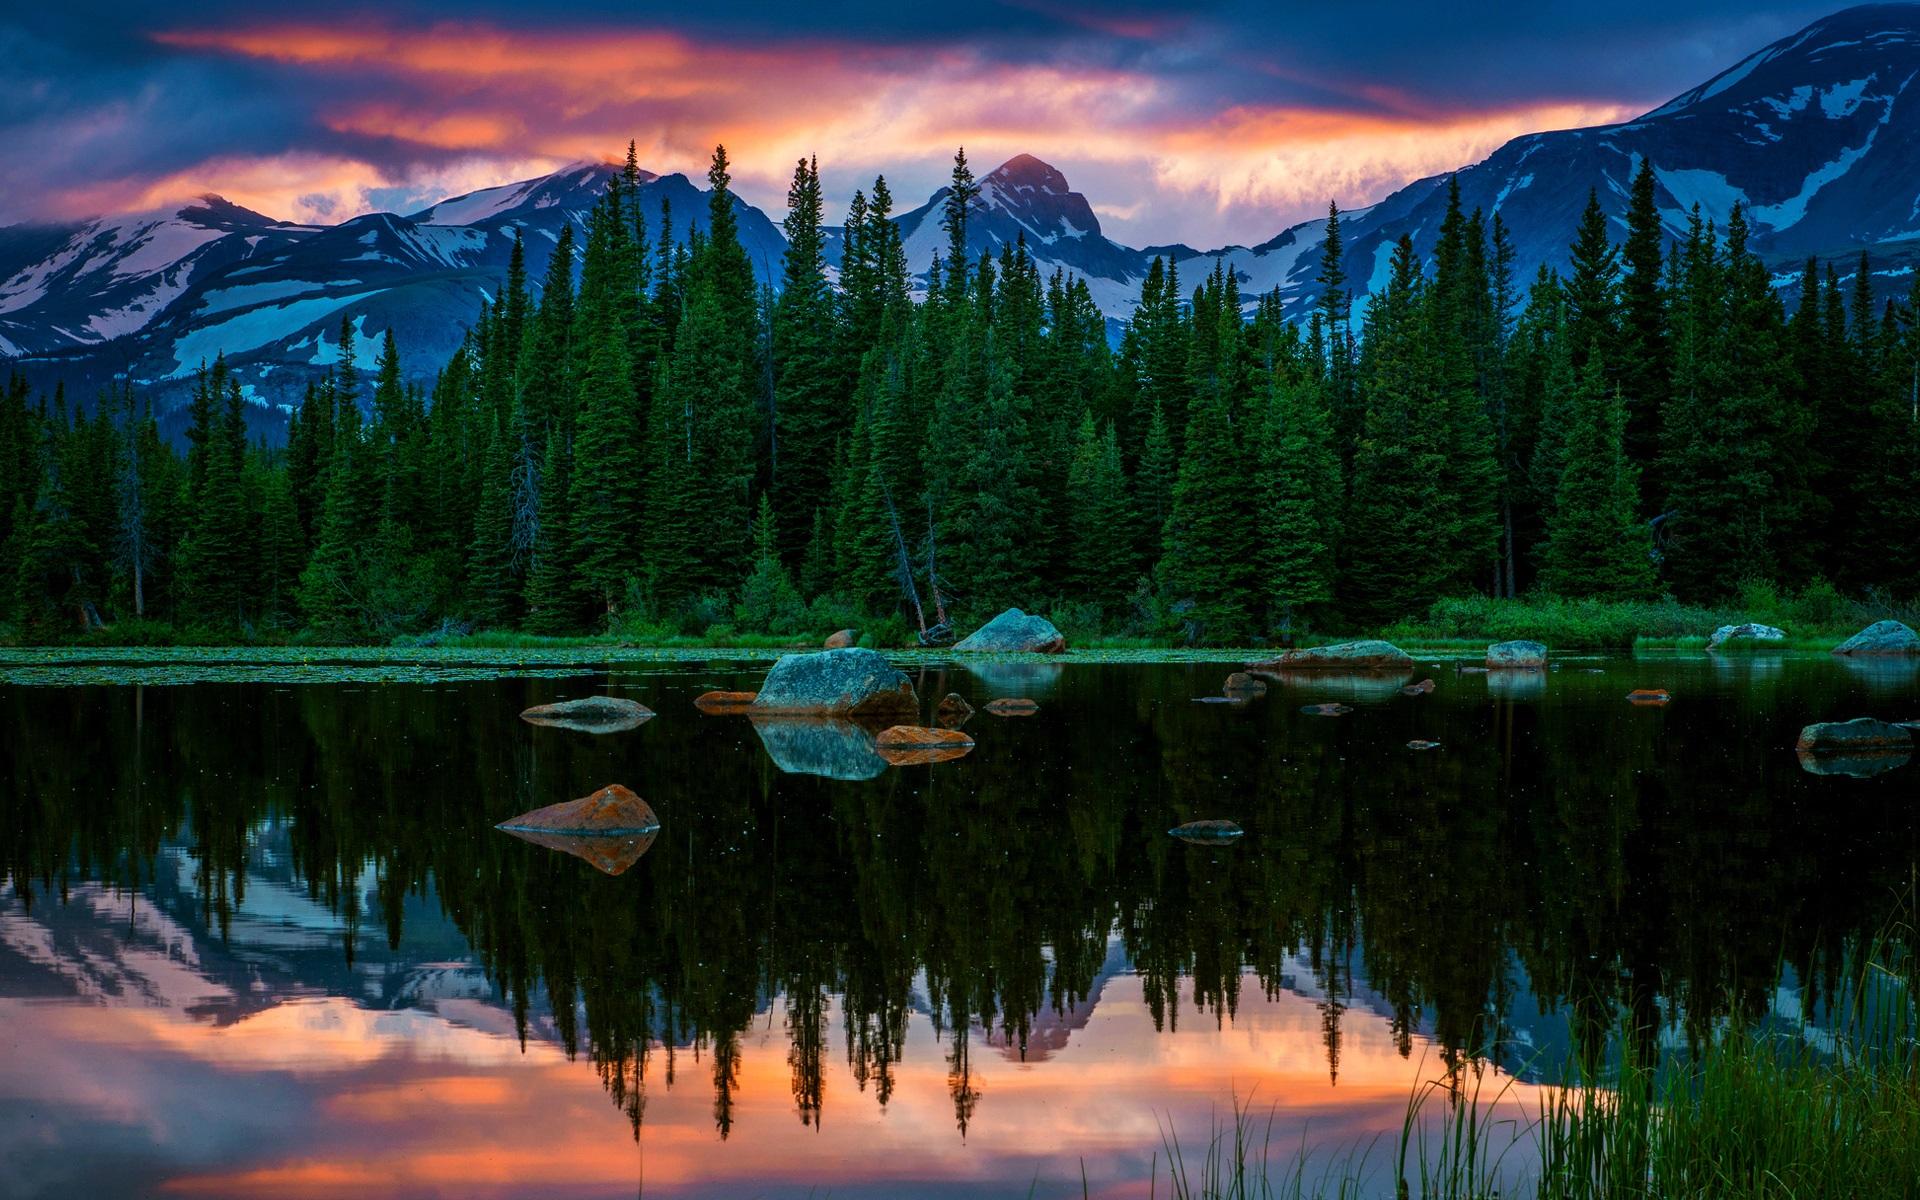 壁紙 アメリカ、コロラド州、レッドロック湖、湖、山、森、夕焼け ...